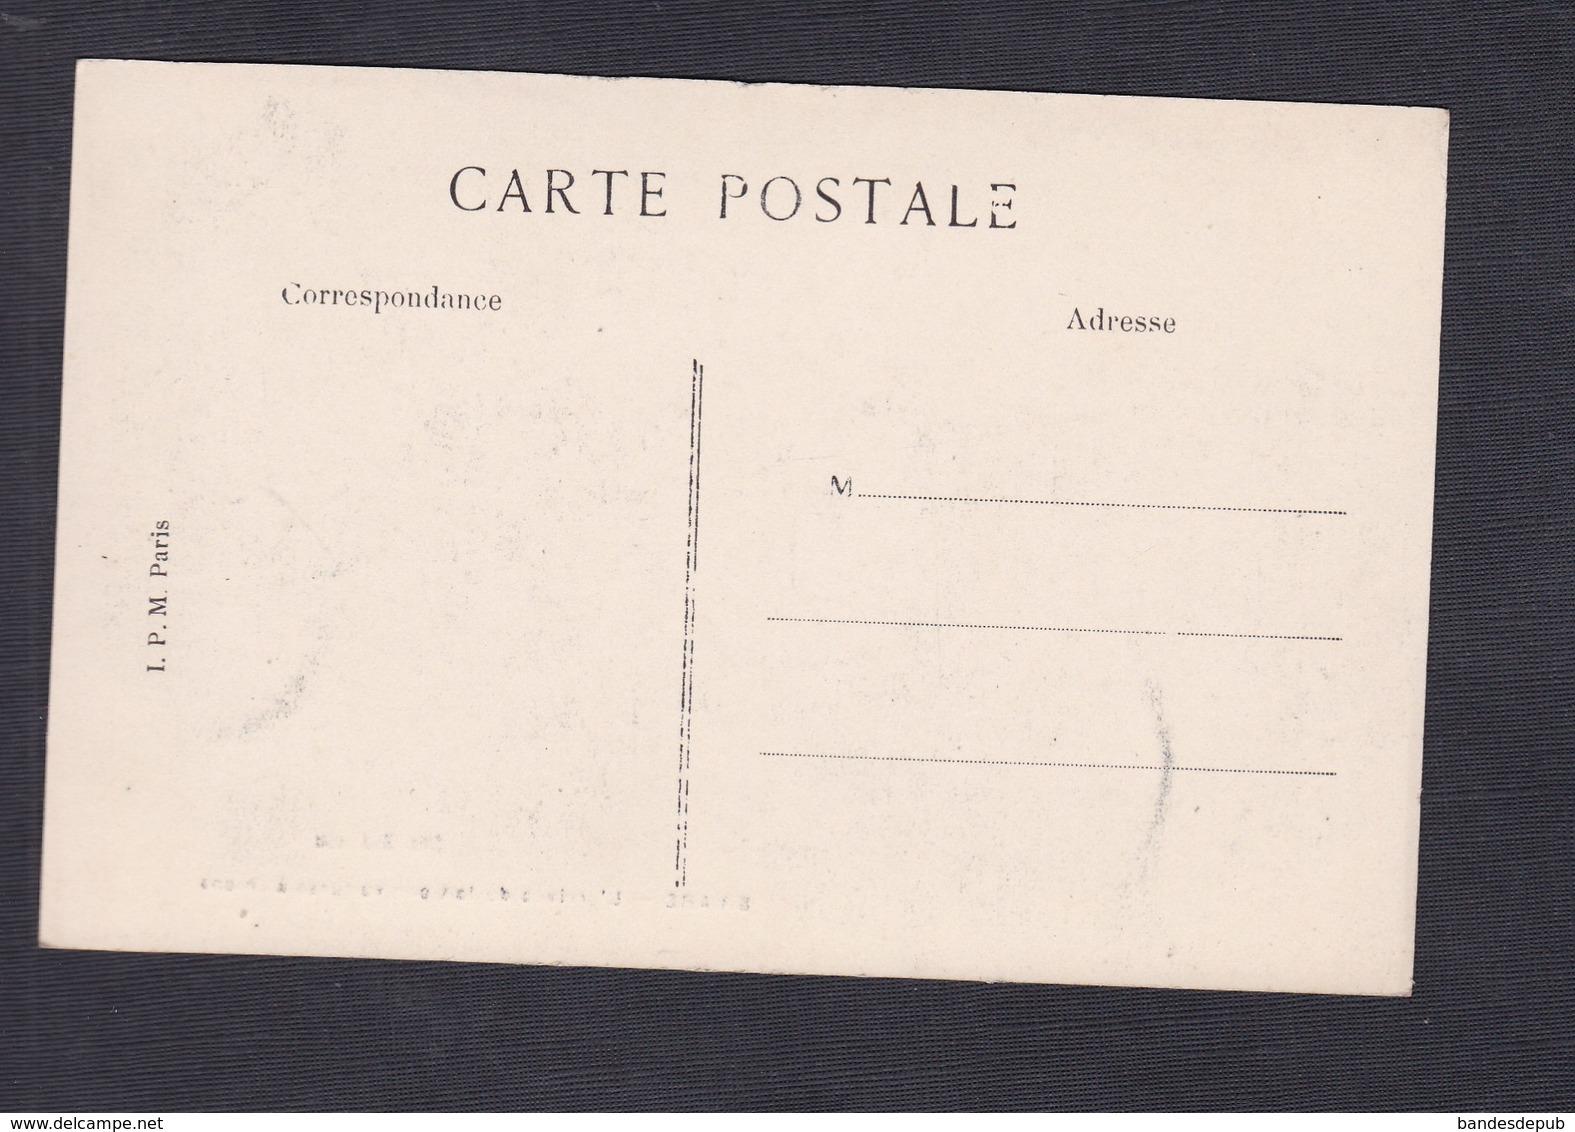 Vente Immediate Briare L' Arrivee Du Lait Par Voitures à Chiens ( Laitier Voiture Chien Attelé Ed. Bodineau) - Briare